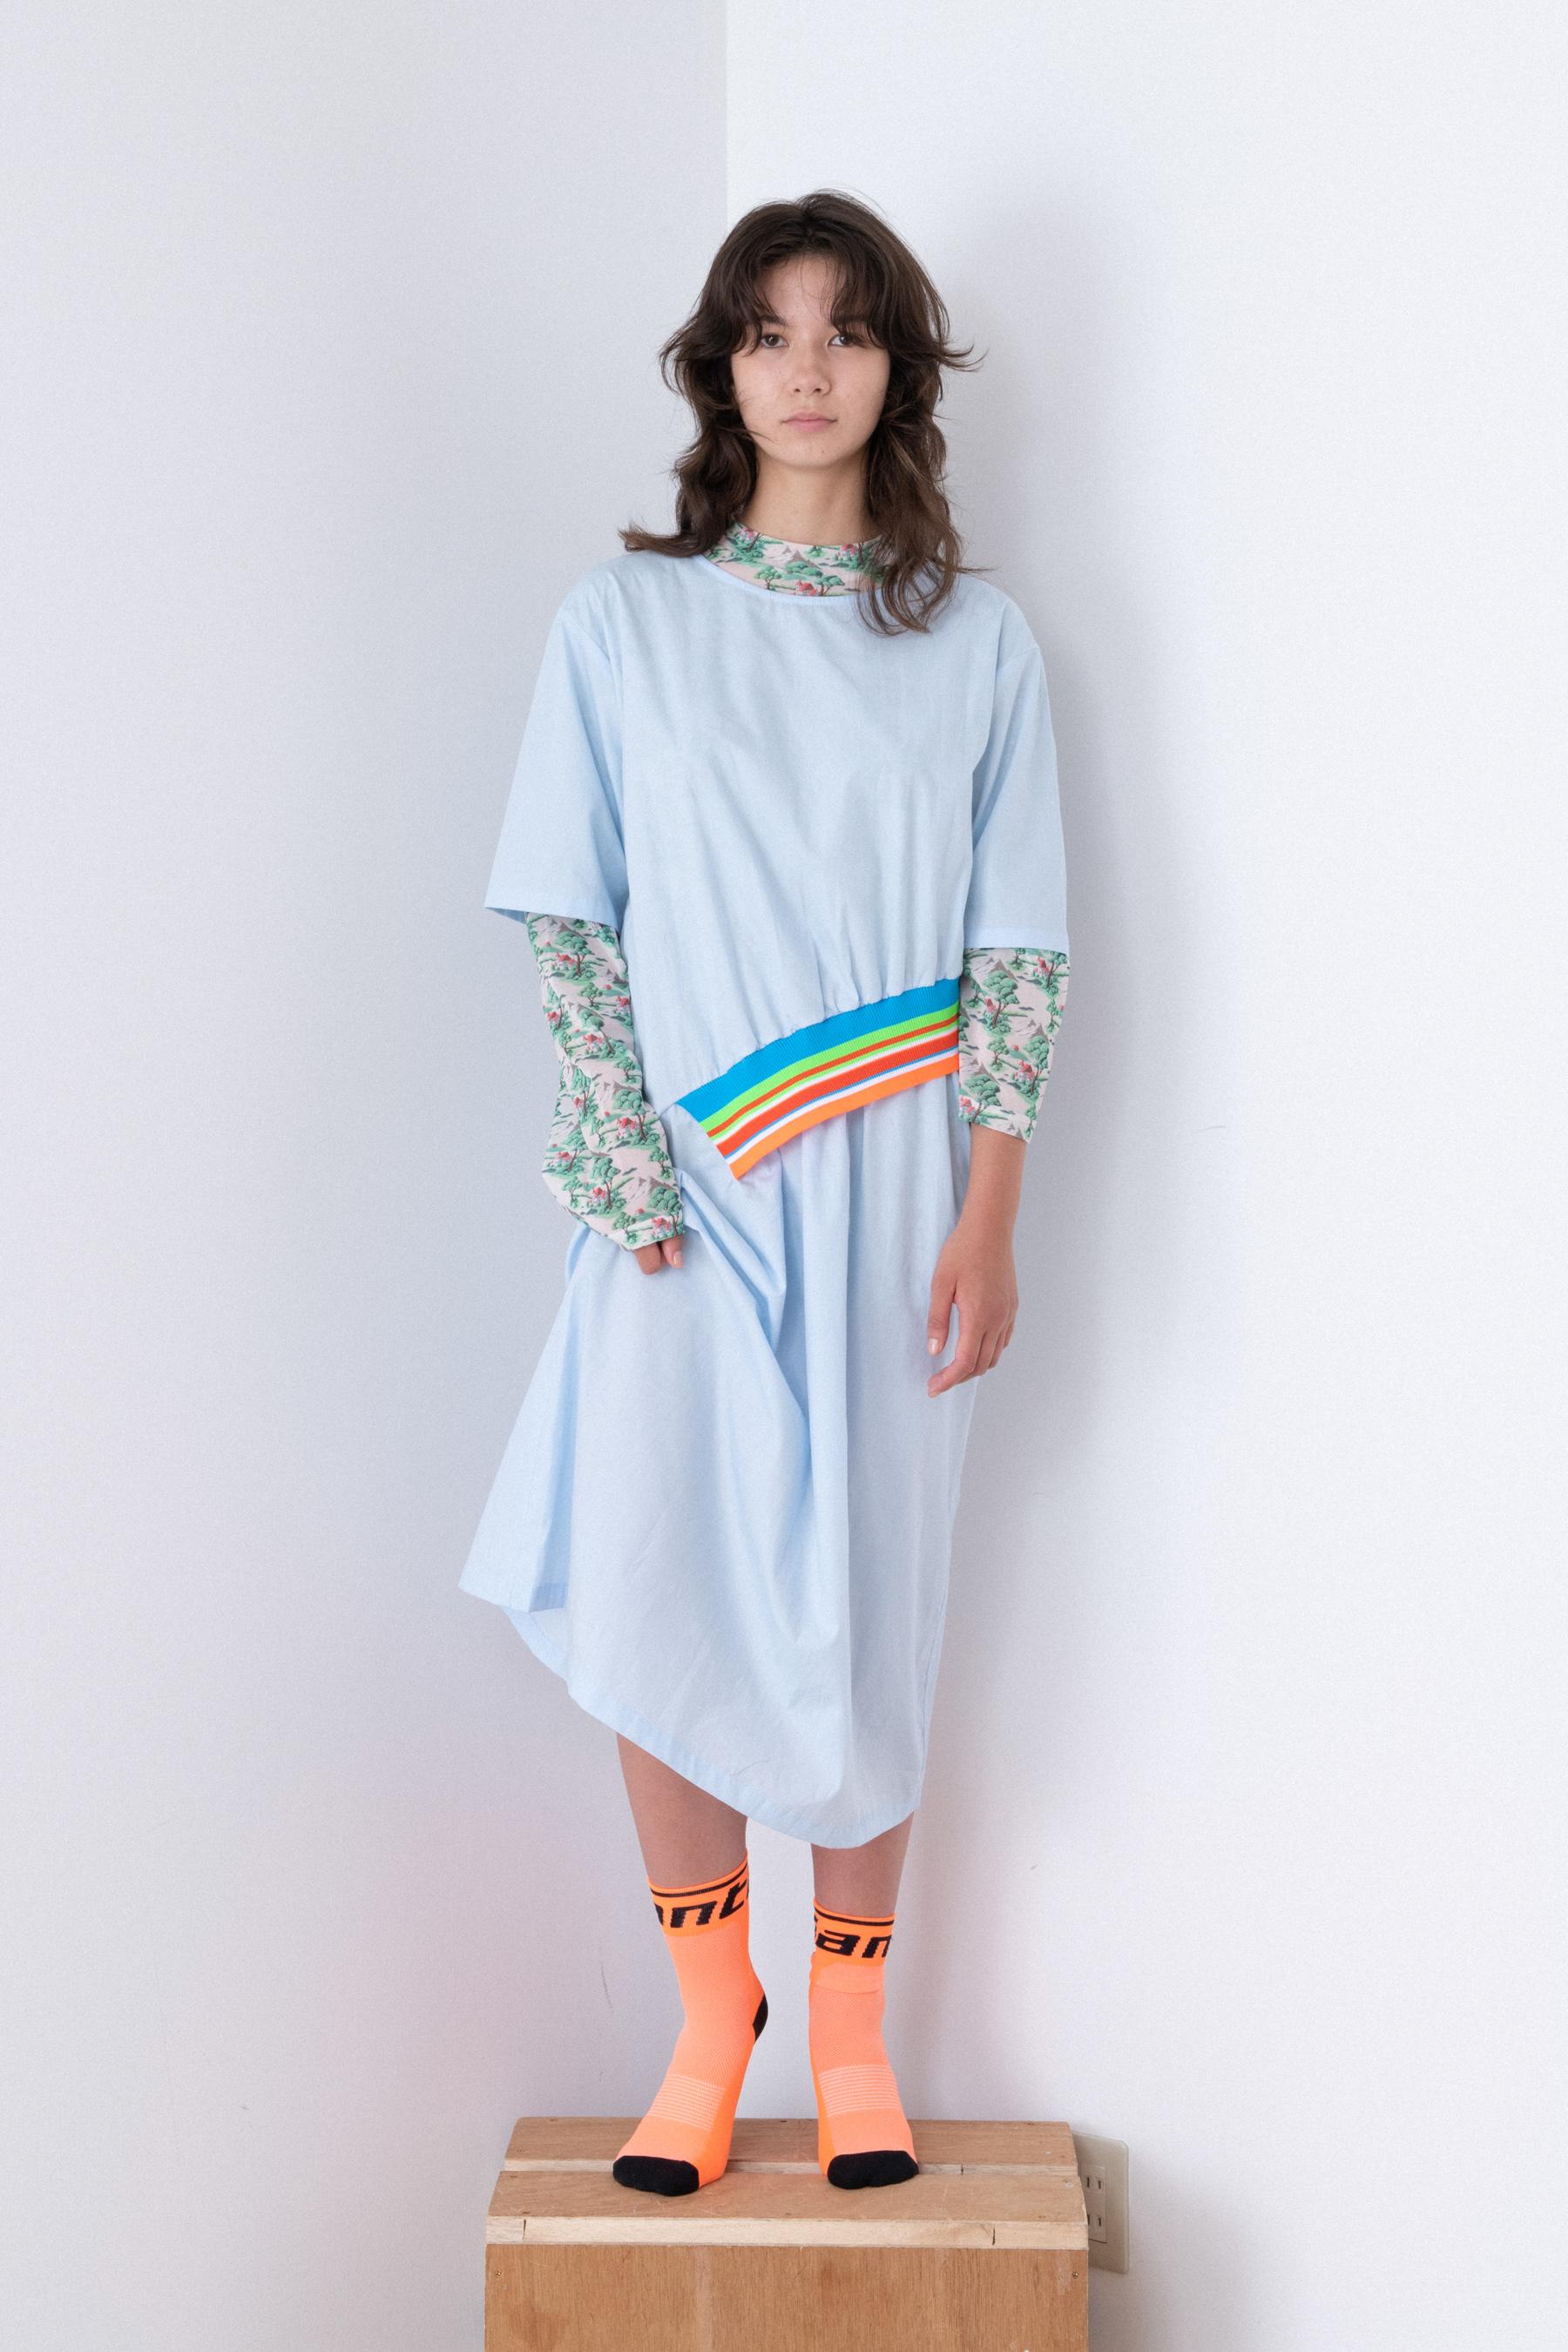 Wataru Tominaga Spring 2021 Fashion Show Photos